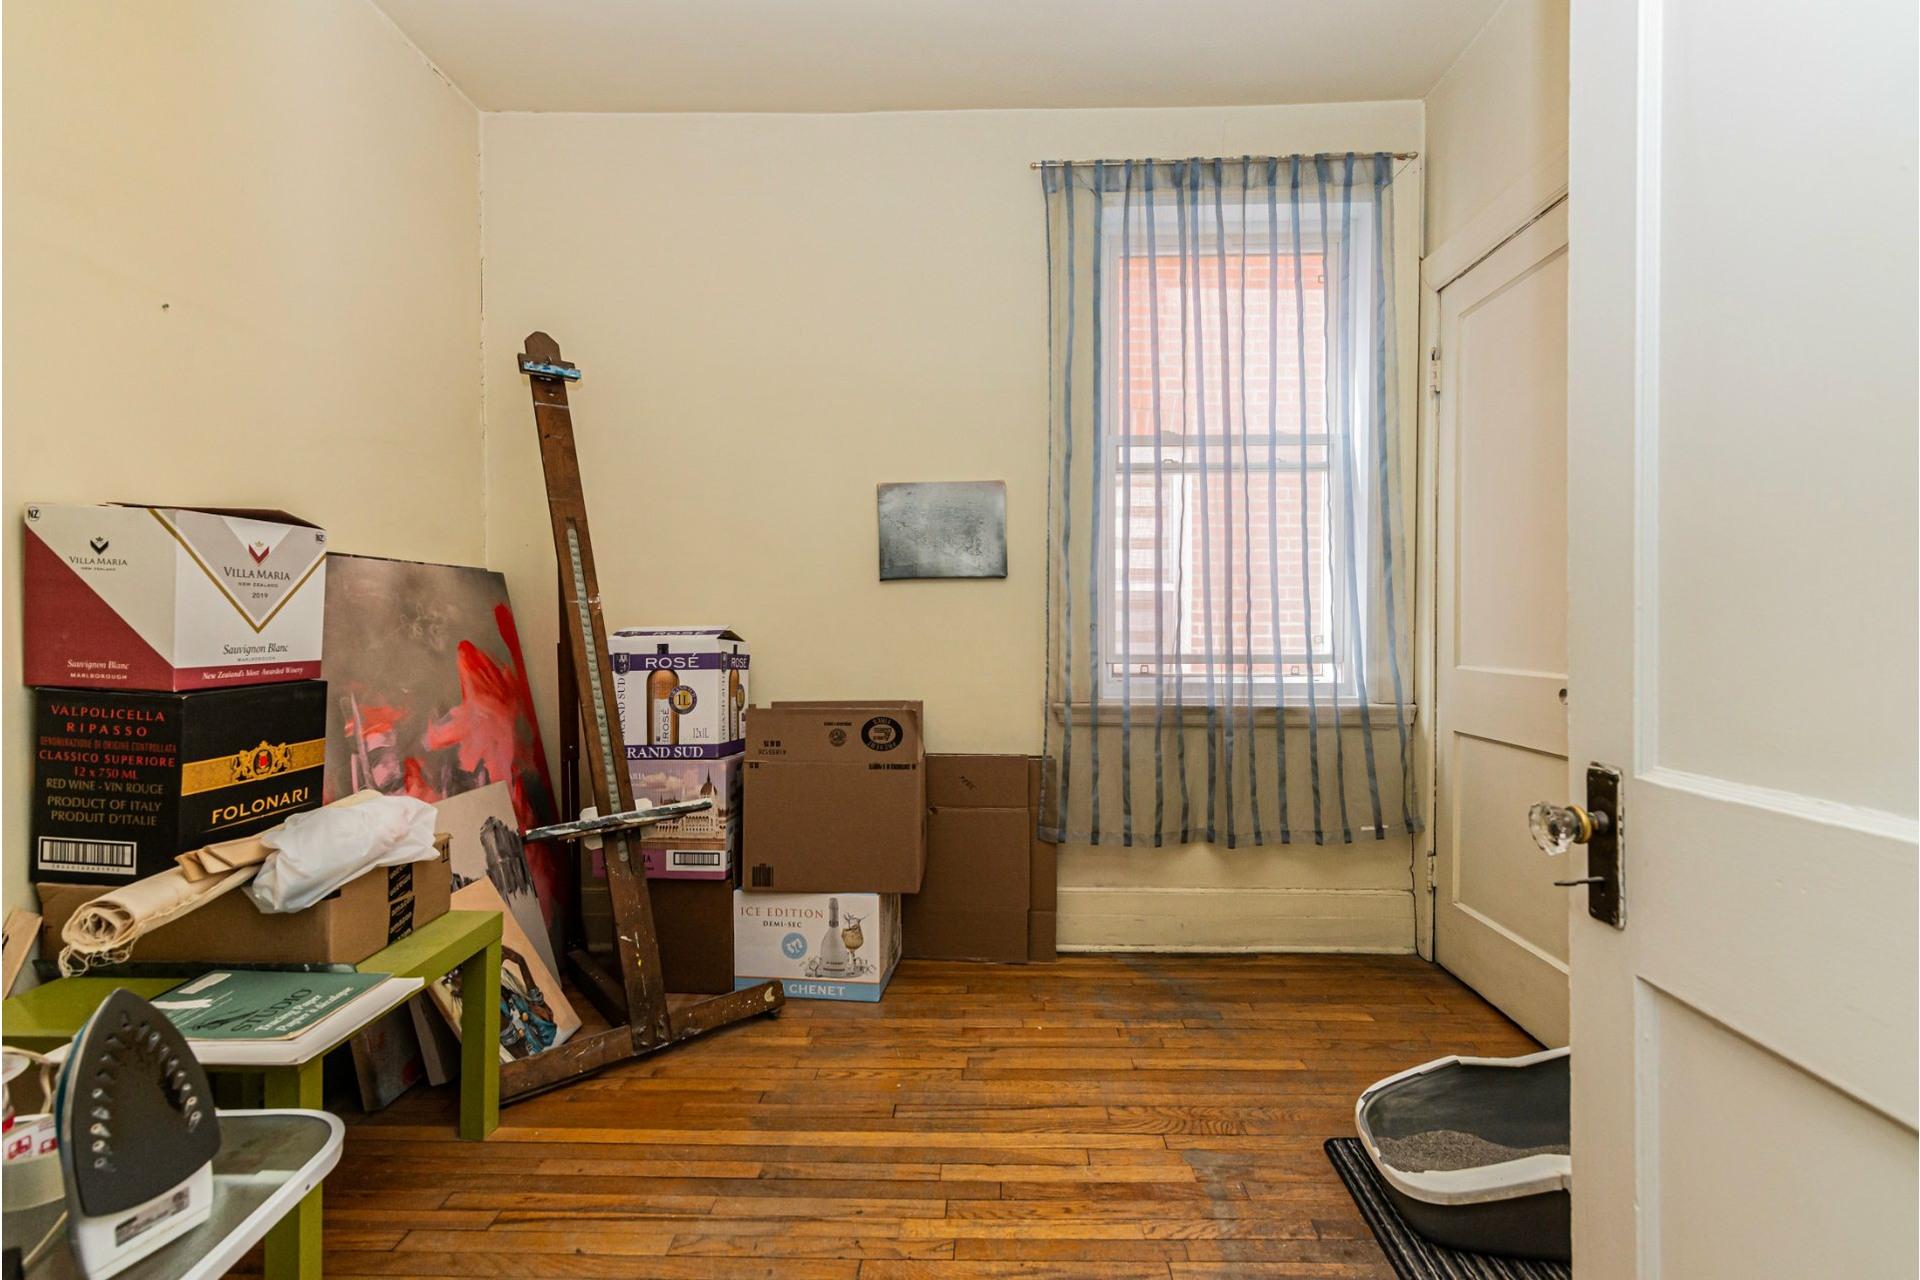 image 24 - Duplex À vendre Côte-des-Neiges/Notre-Dame-de-Grâce Montréal  - 6 pièces